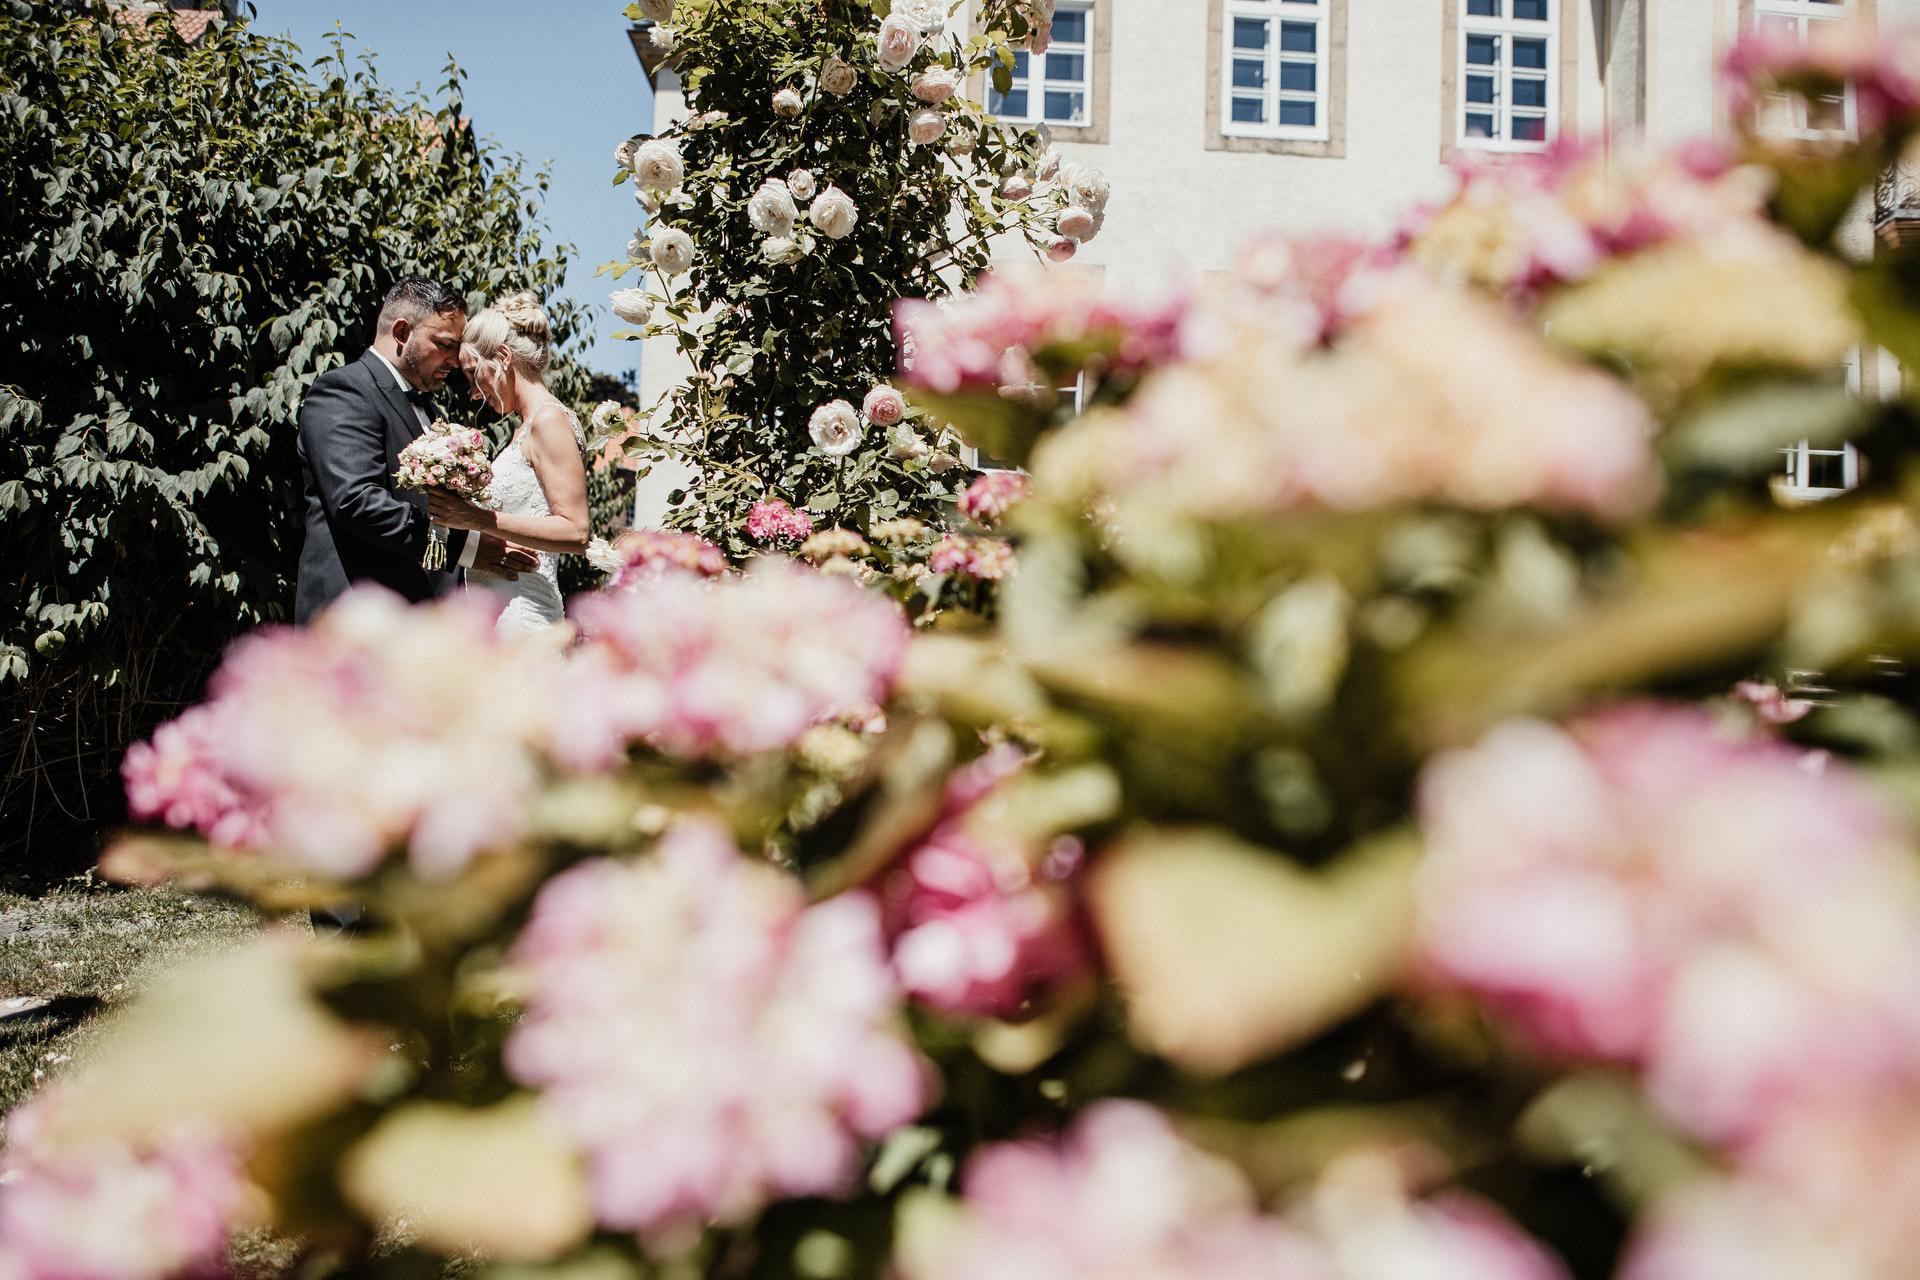 Hochzeit von Miriam & Kevin am 29.06.2019 in Freckenhorst